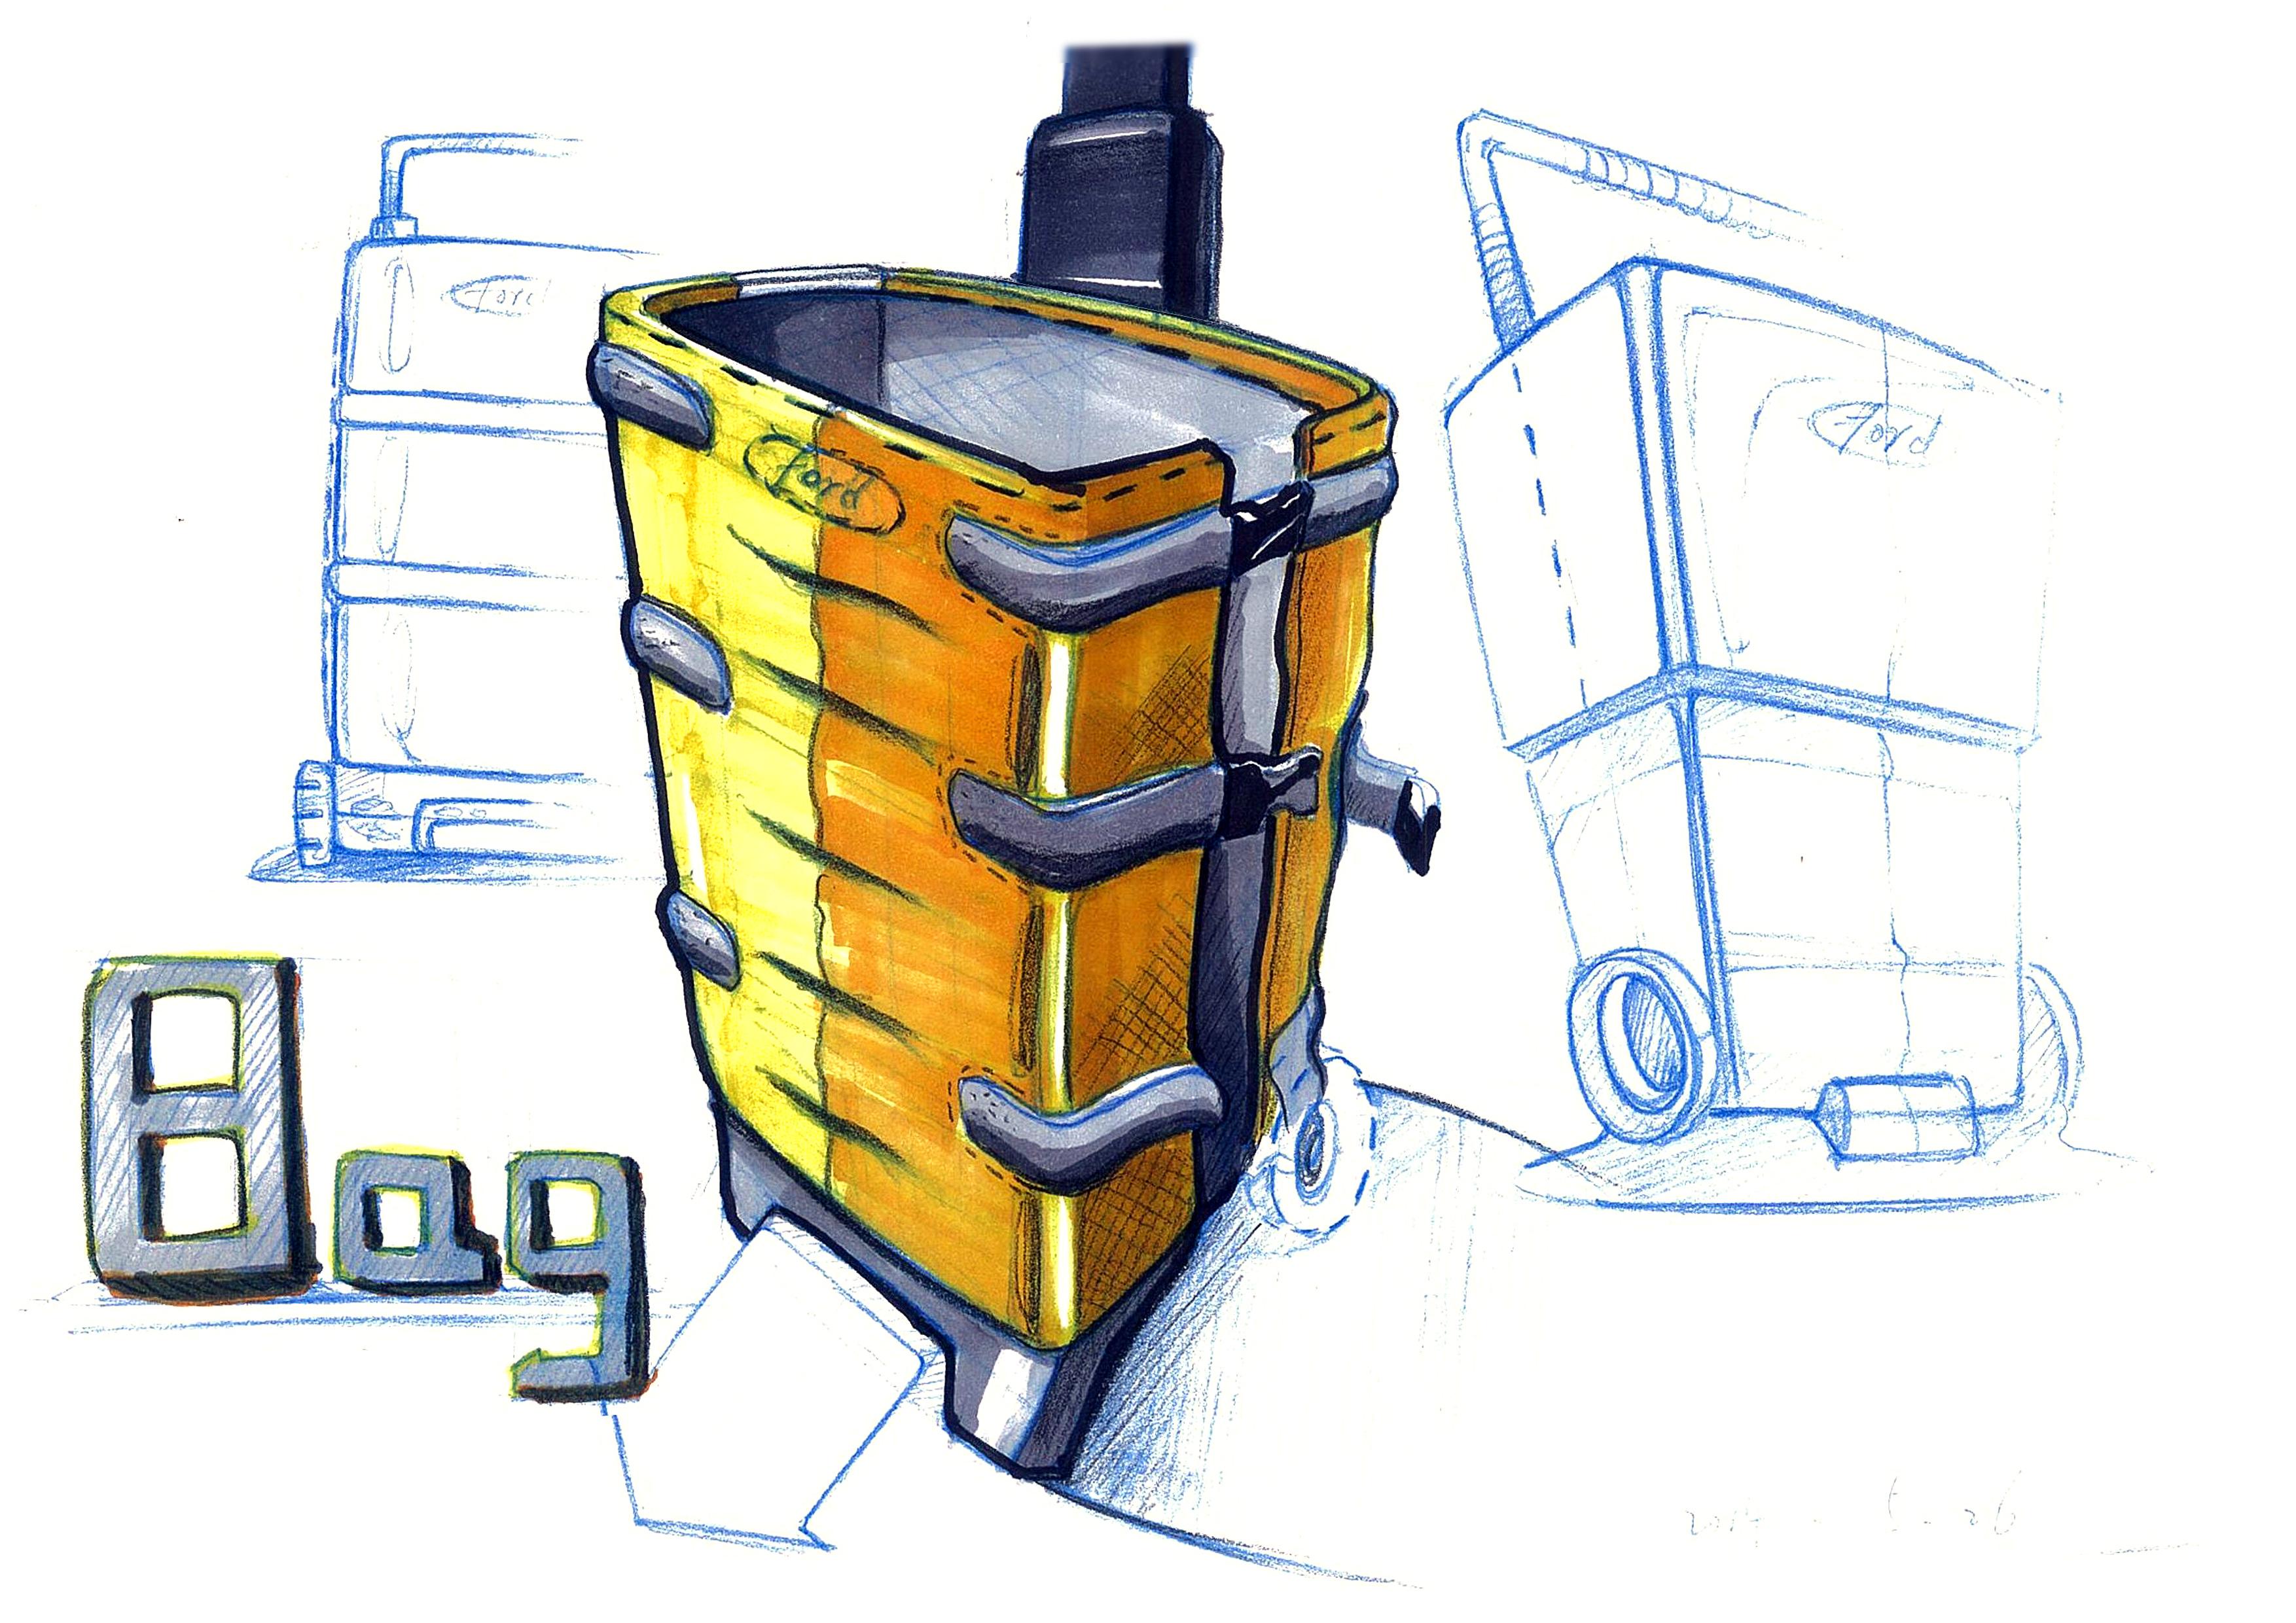 马克笔手绘|工业/产品|生活用品|一航一帆 - 原创作品